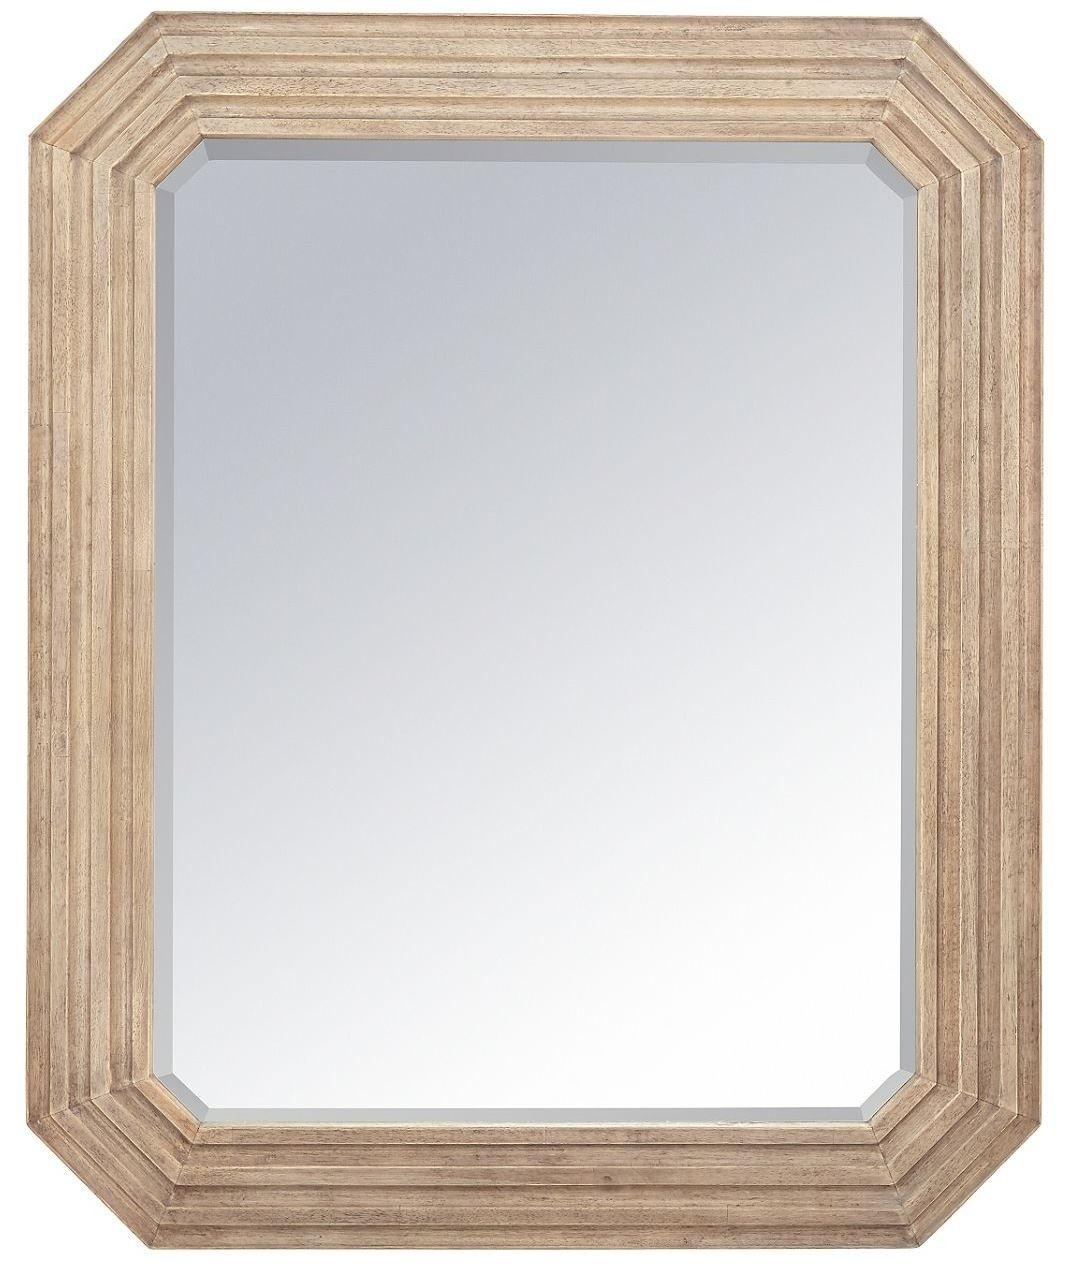 tilden hearth mirror 513 13 30 stanley furniture